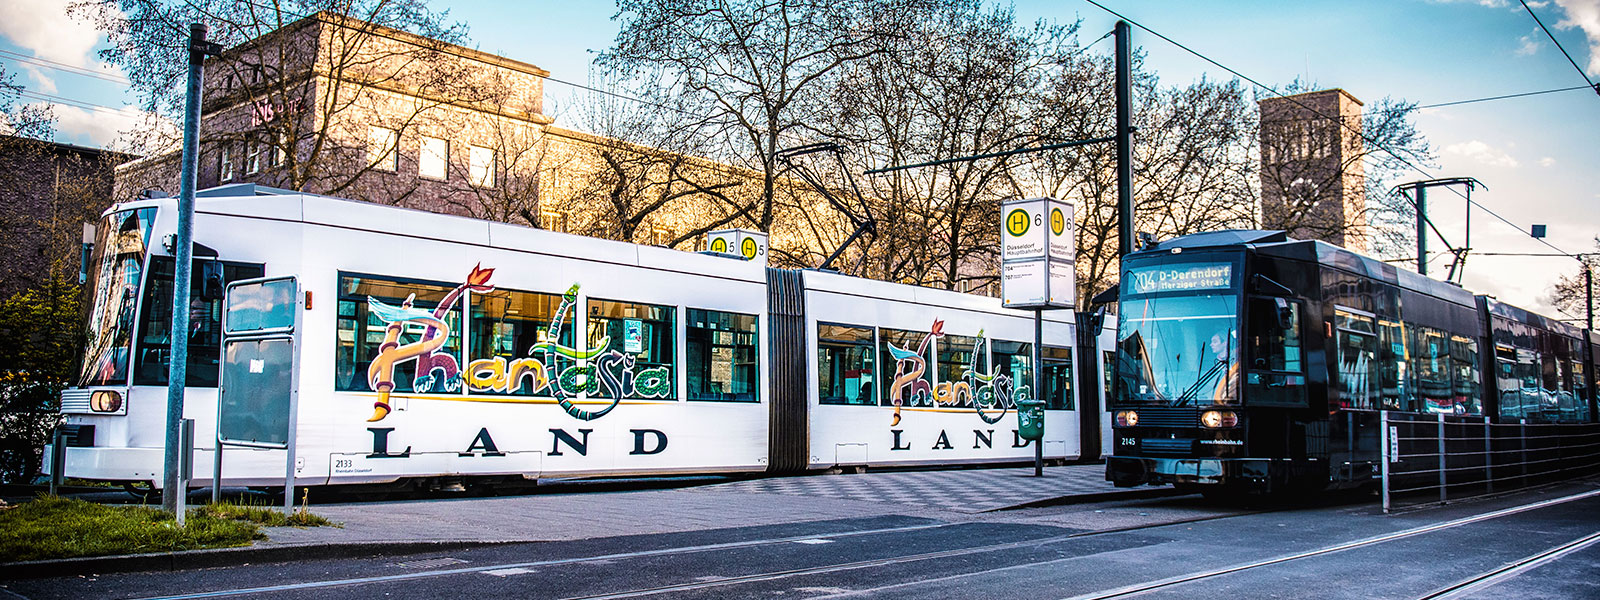 Bremen-Verkehrsmittelwerbung-Bahn-Werbung